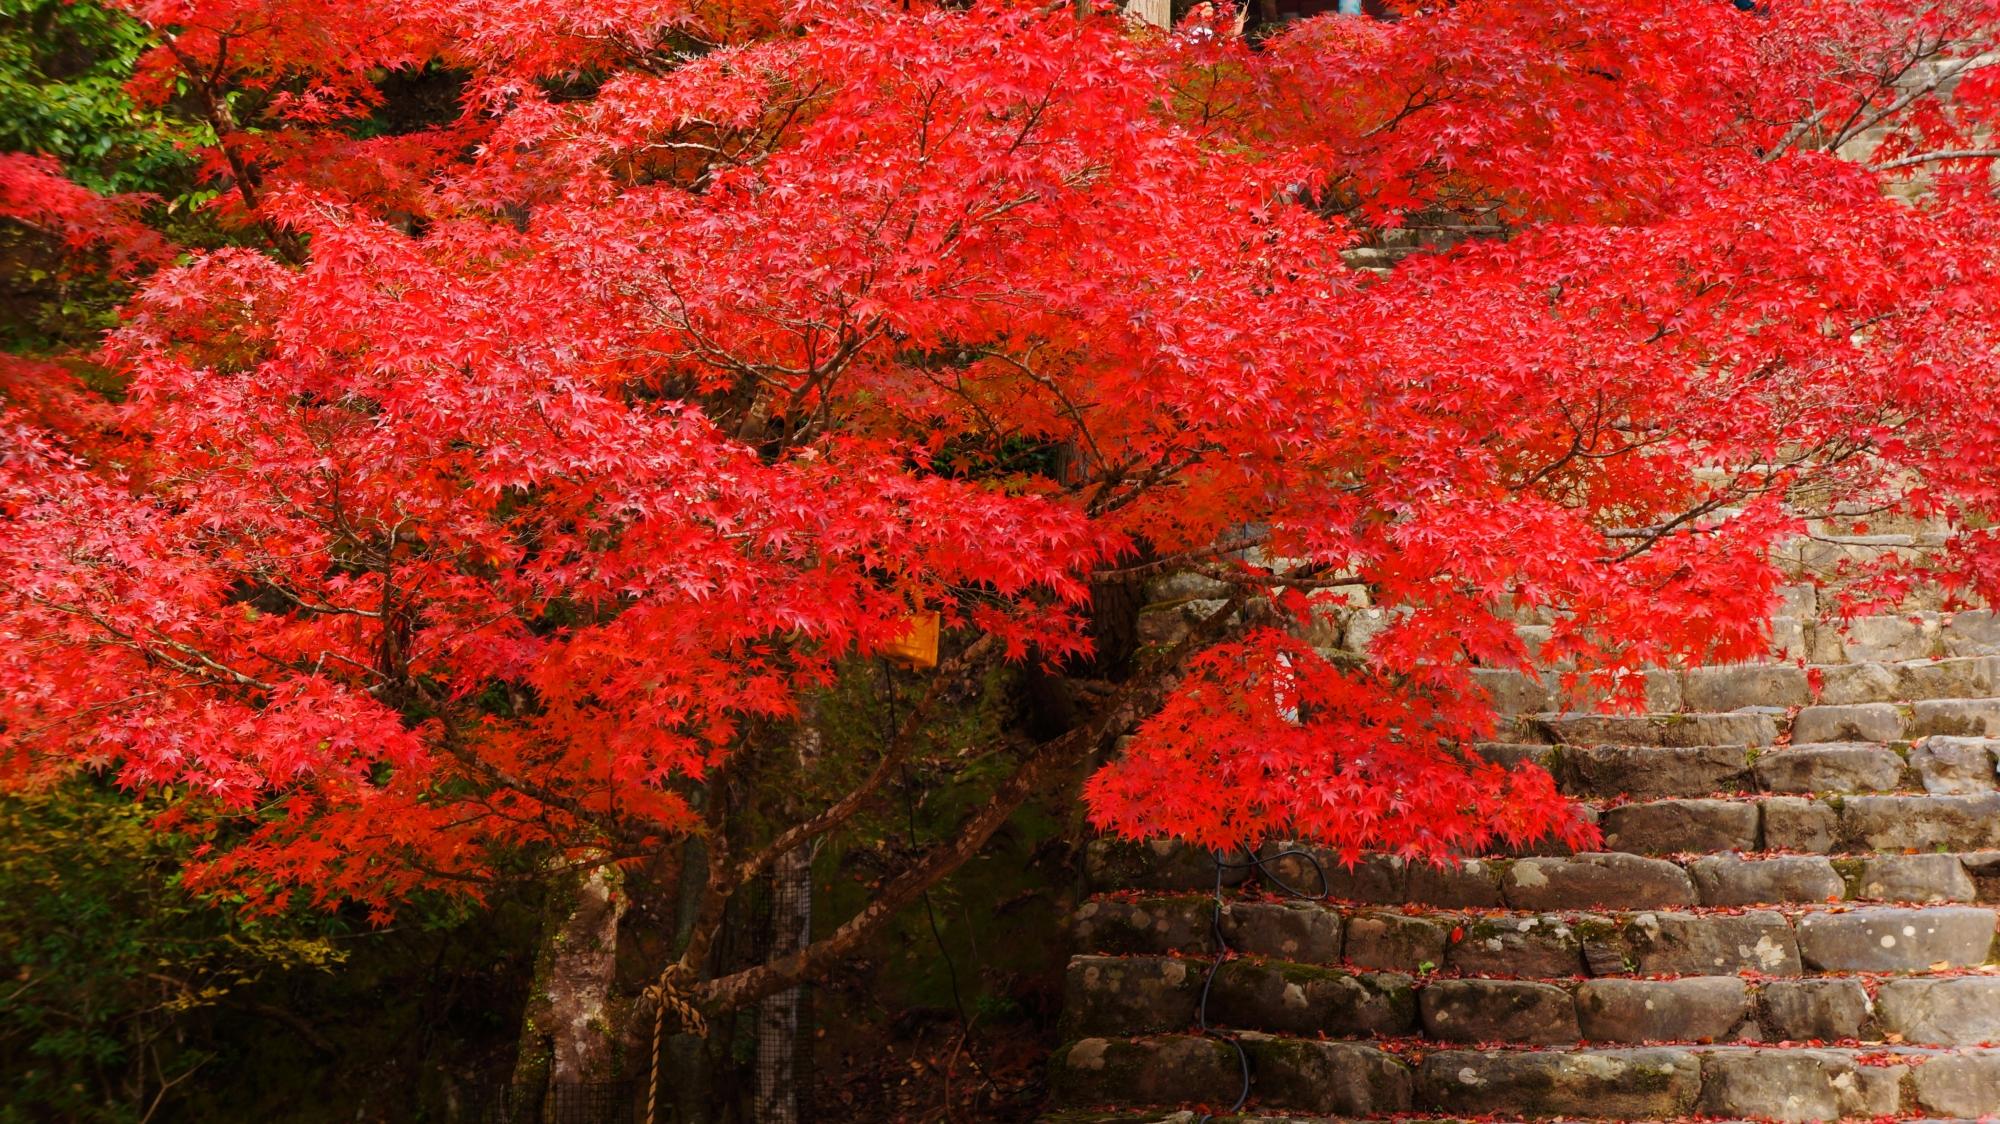 石段の上で浮かび上がるような真紅の紅葉